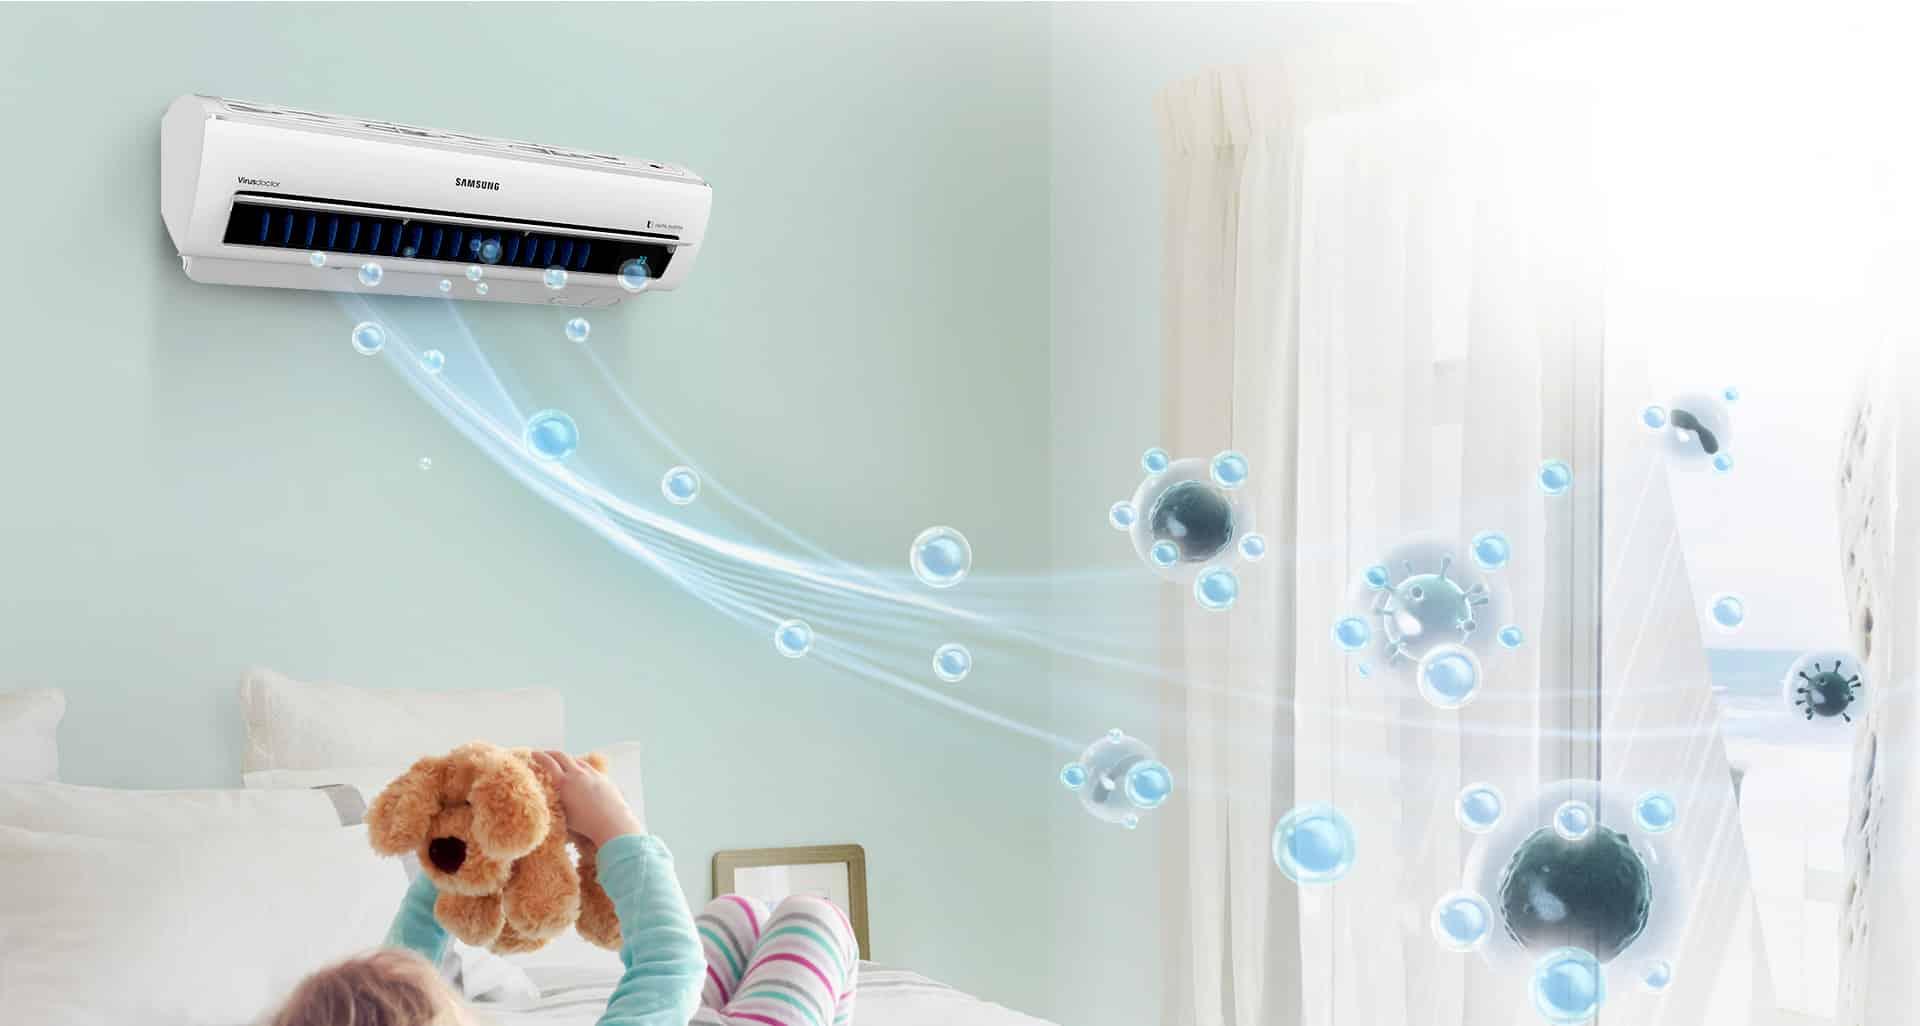 lựa chọn điều hòa tiết kiệm điện